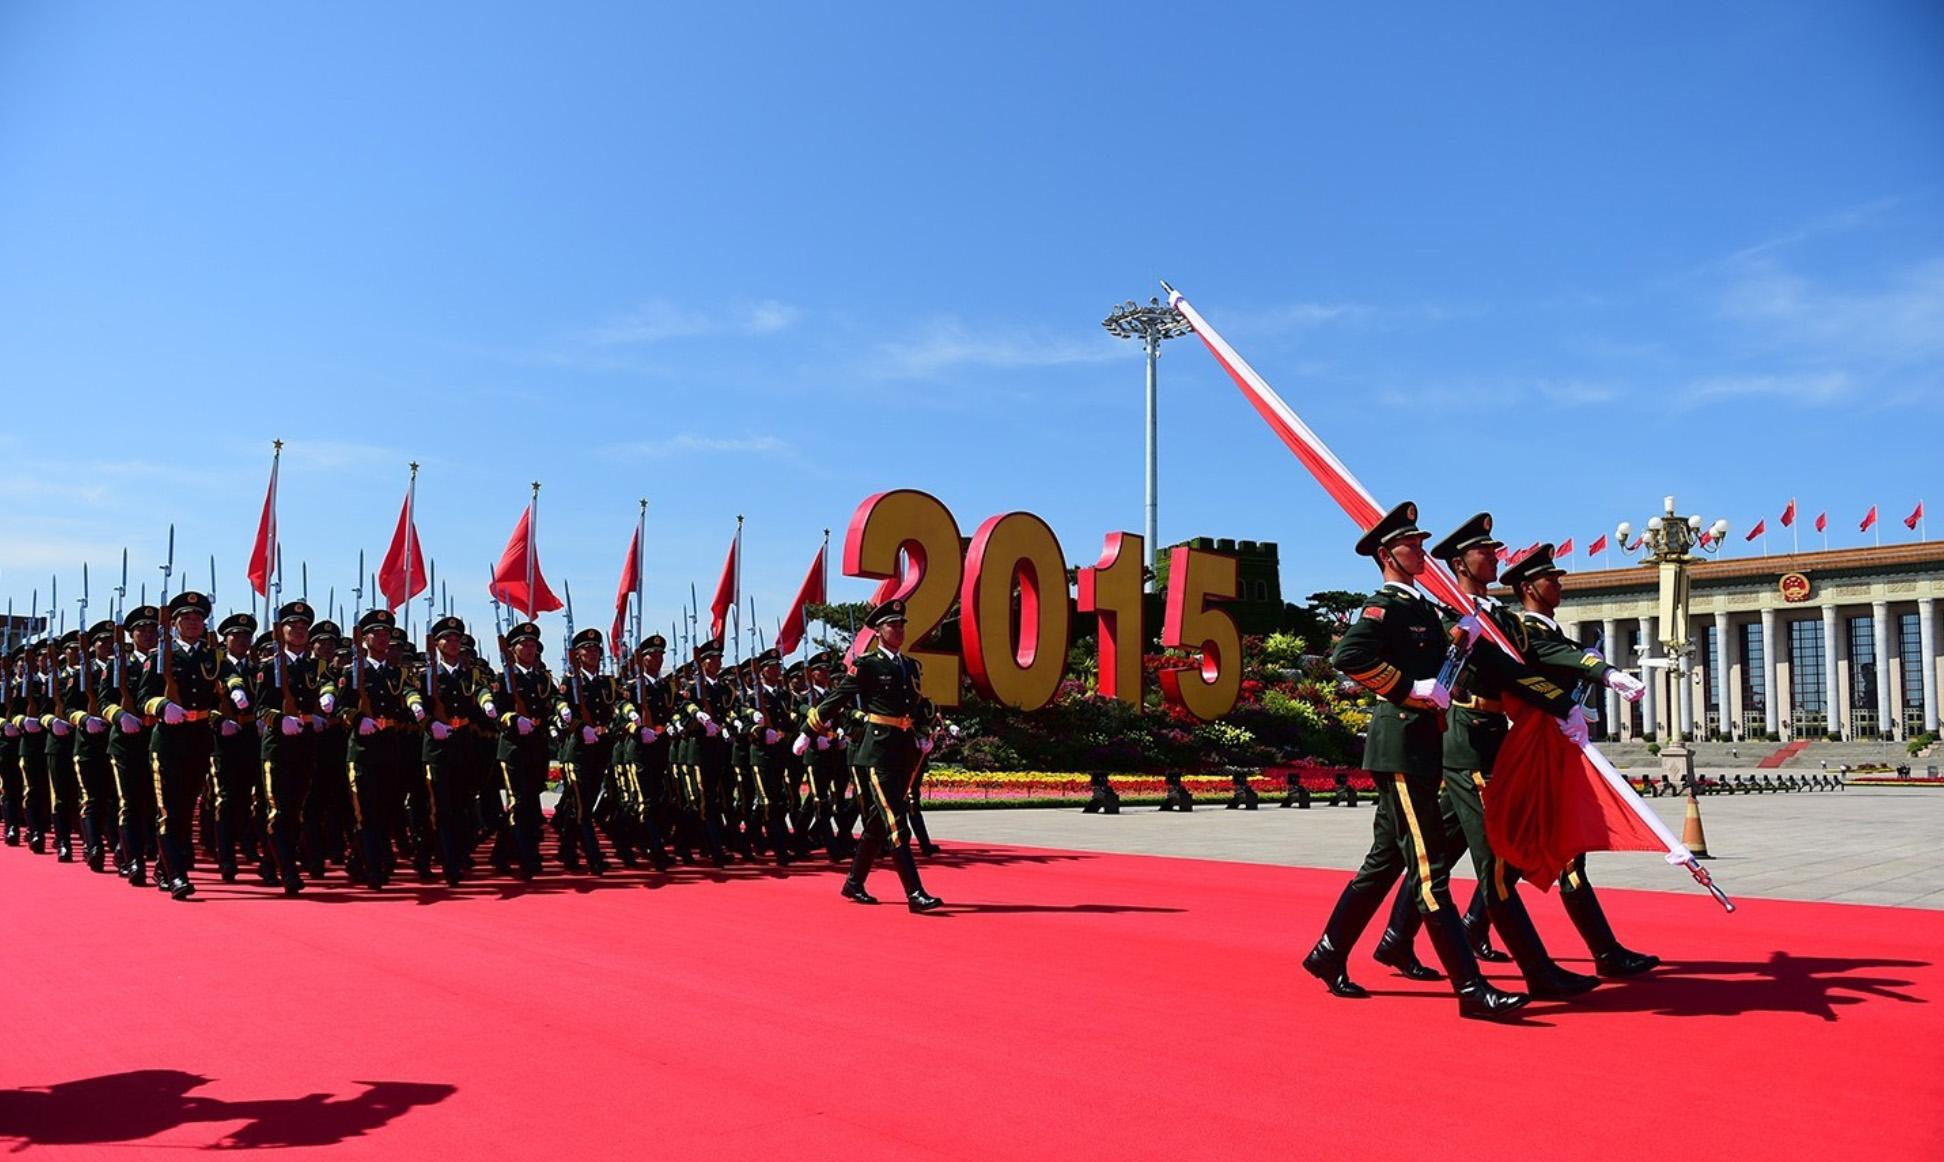 法国阅兵2015_2015年抗战胜利日阅兵是为了纪念中国人民抗日战争暨世界反法西斯